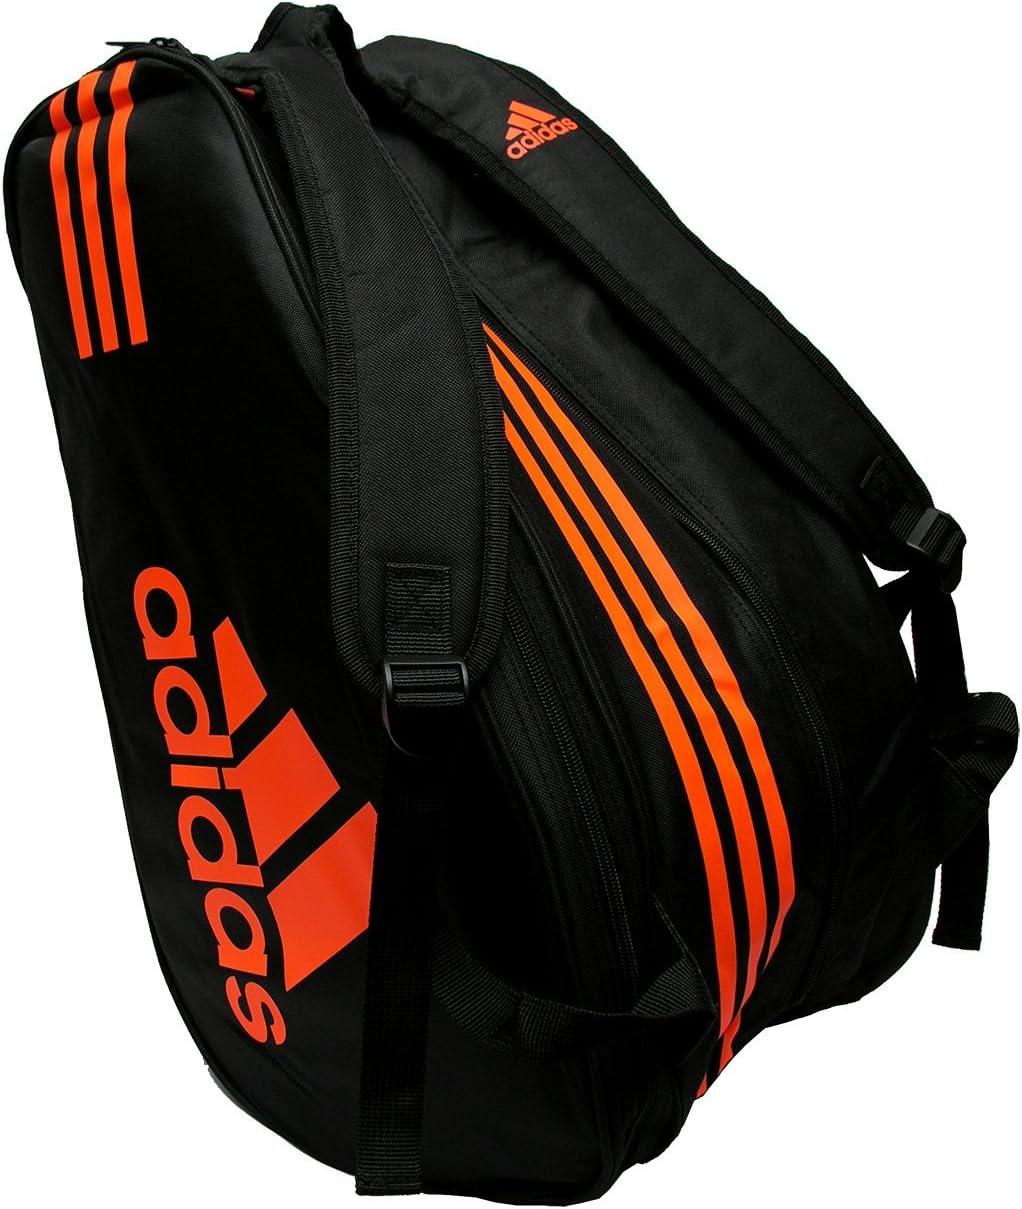 Paletero Adidas Control Orange: Amazon.es: Deportes y aire libre